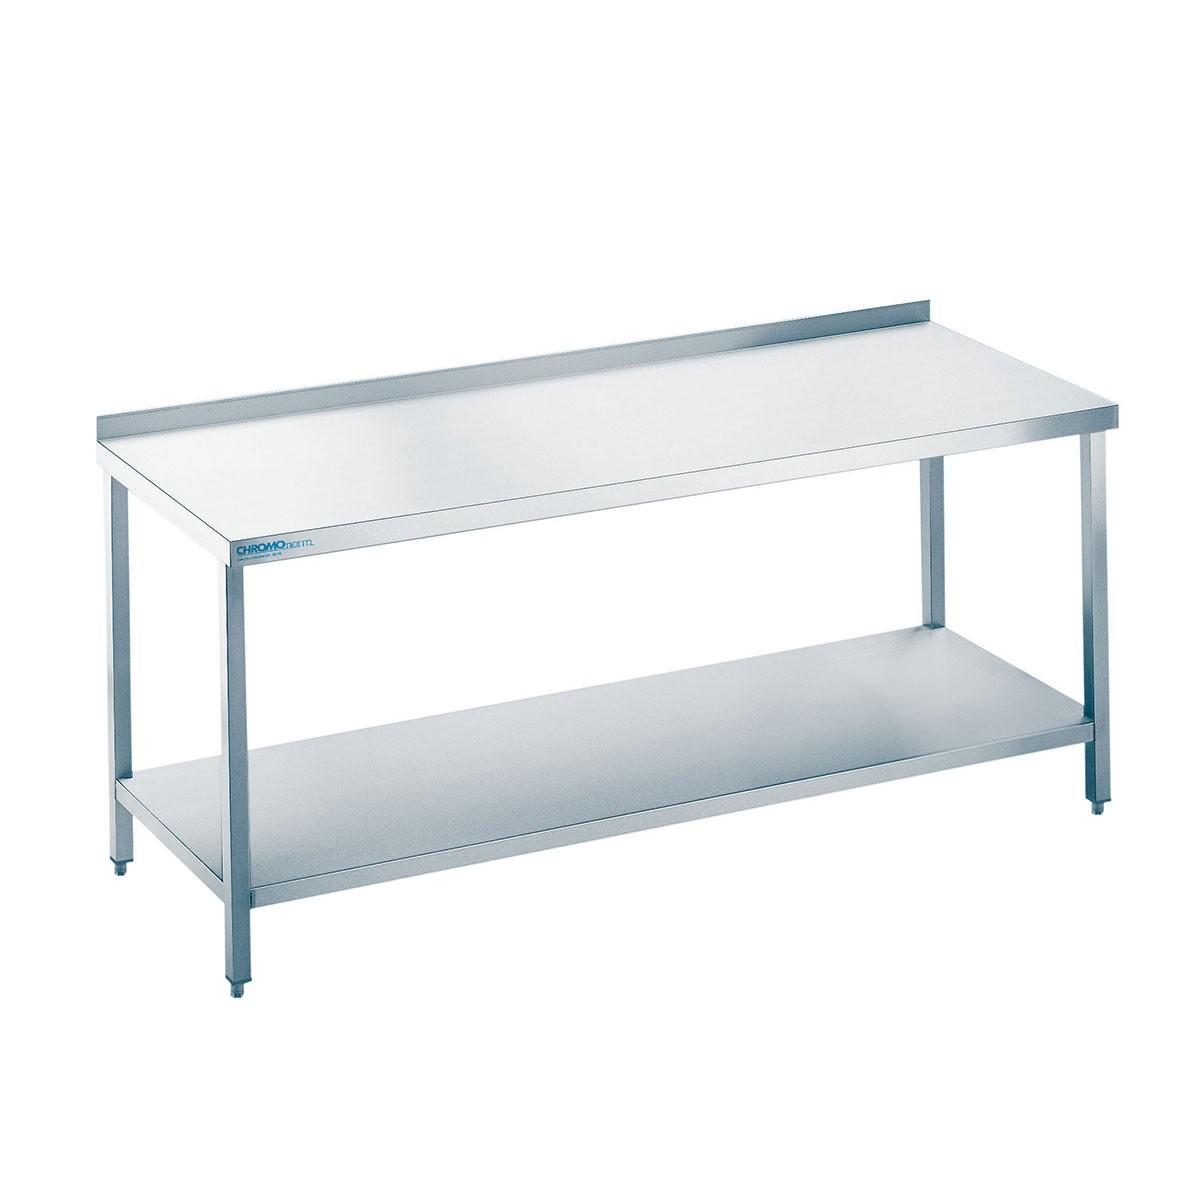 Edelstahl Arbeitstisch mit Zwischenboden Chromonorm TZ0612C0000 600mm x 1200mm